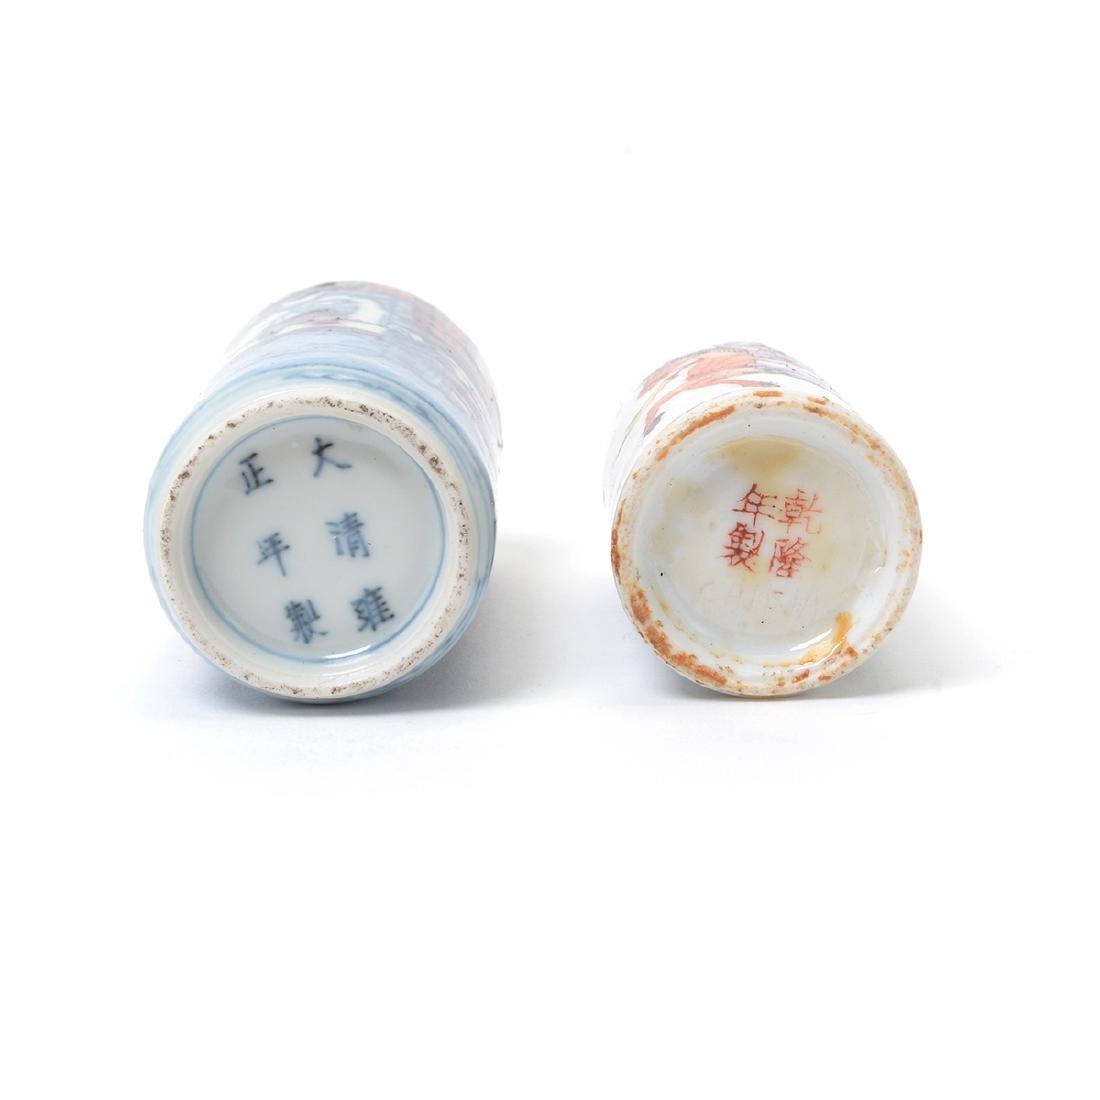 Two Porcelain Figural Snuff Bottles - 5